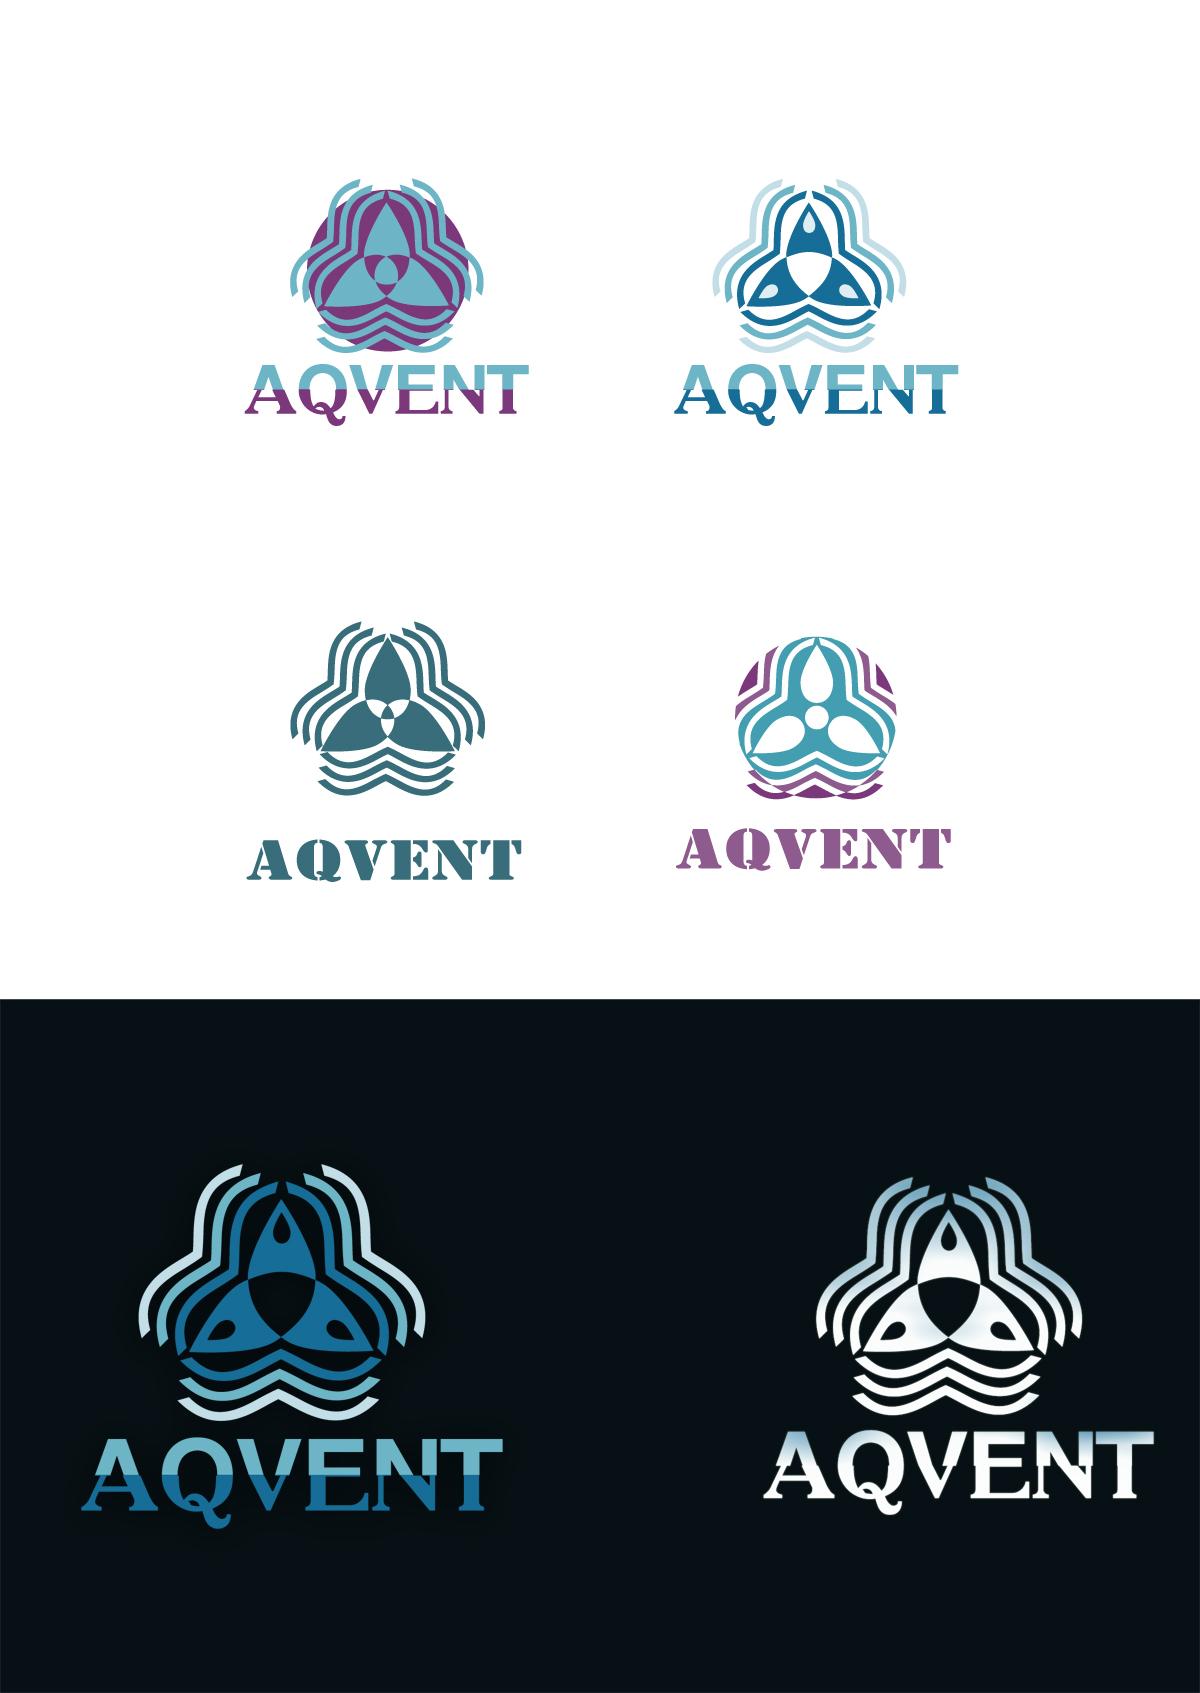 Логотип AQVENT фото f_46552834aab43ac8.jpg